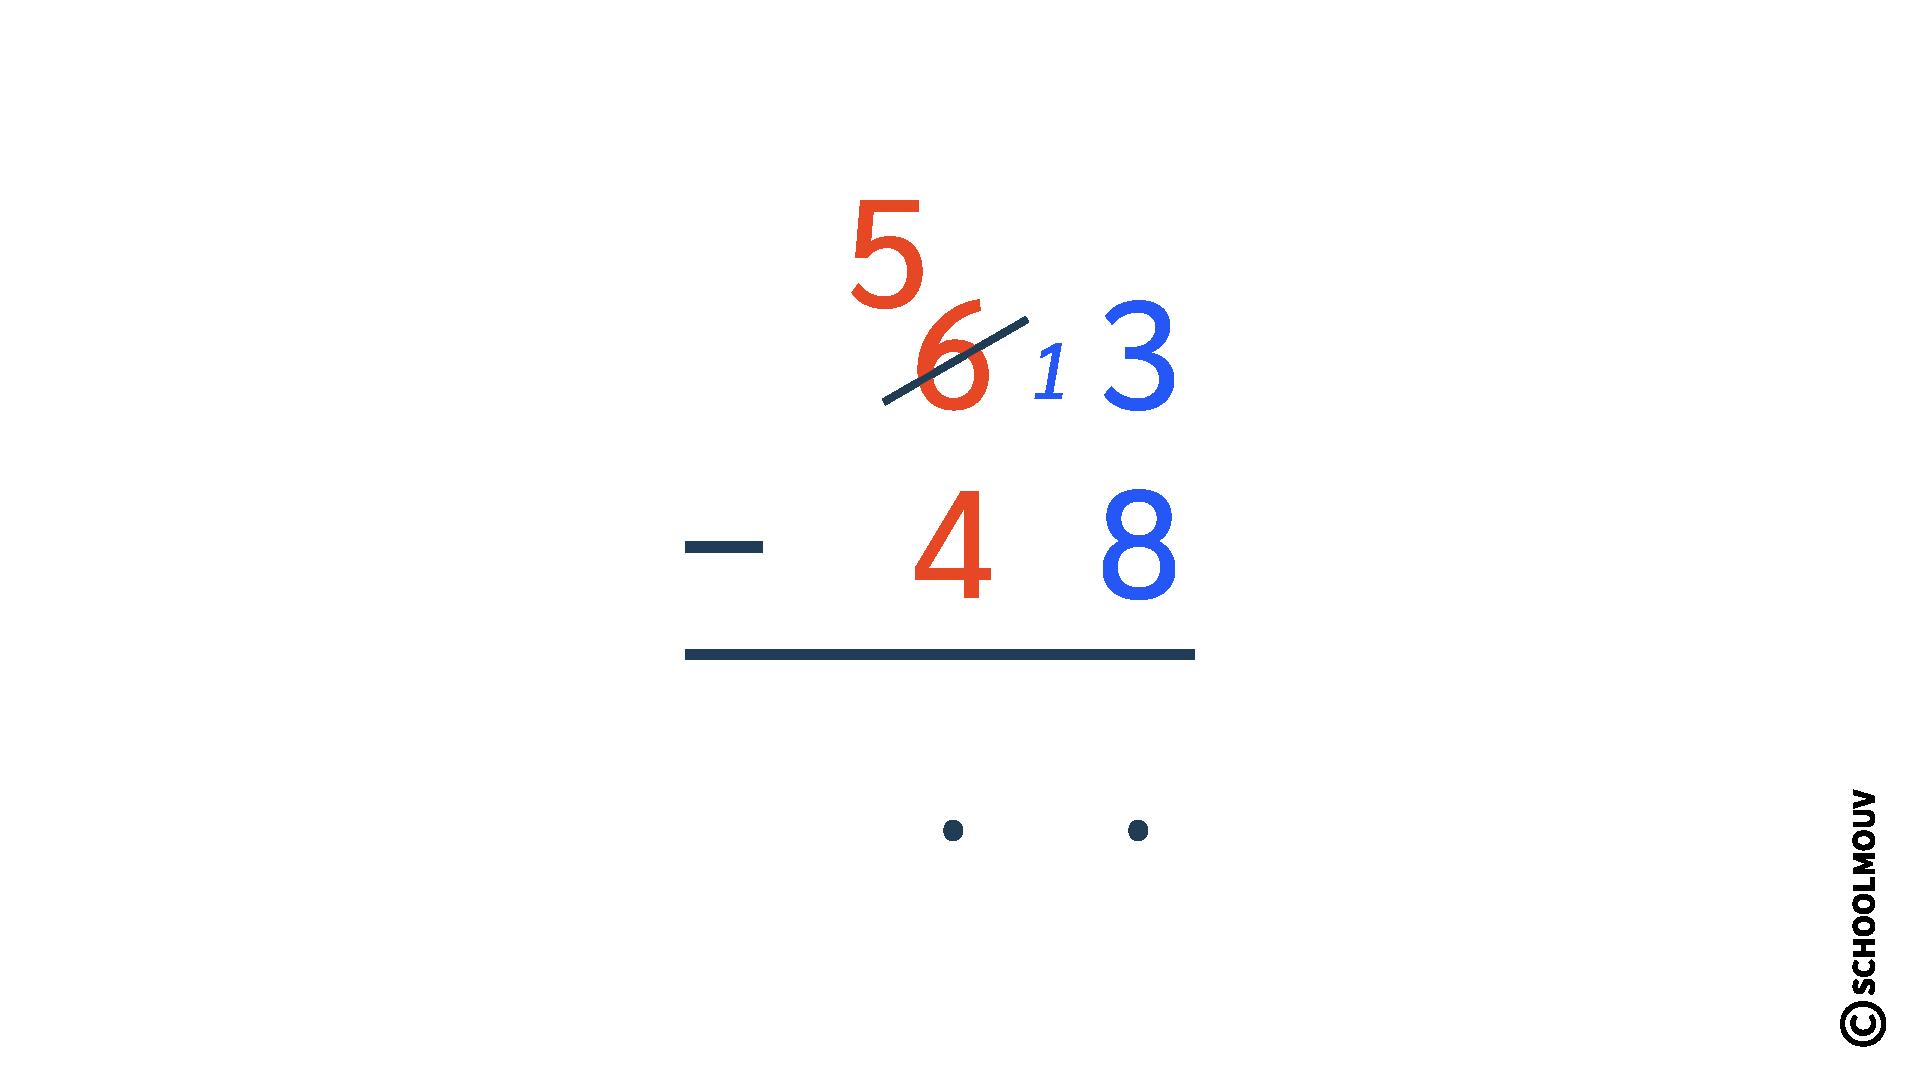 poser et calculer des soustractions en colonne avec retenue CE1